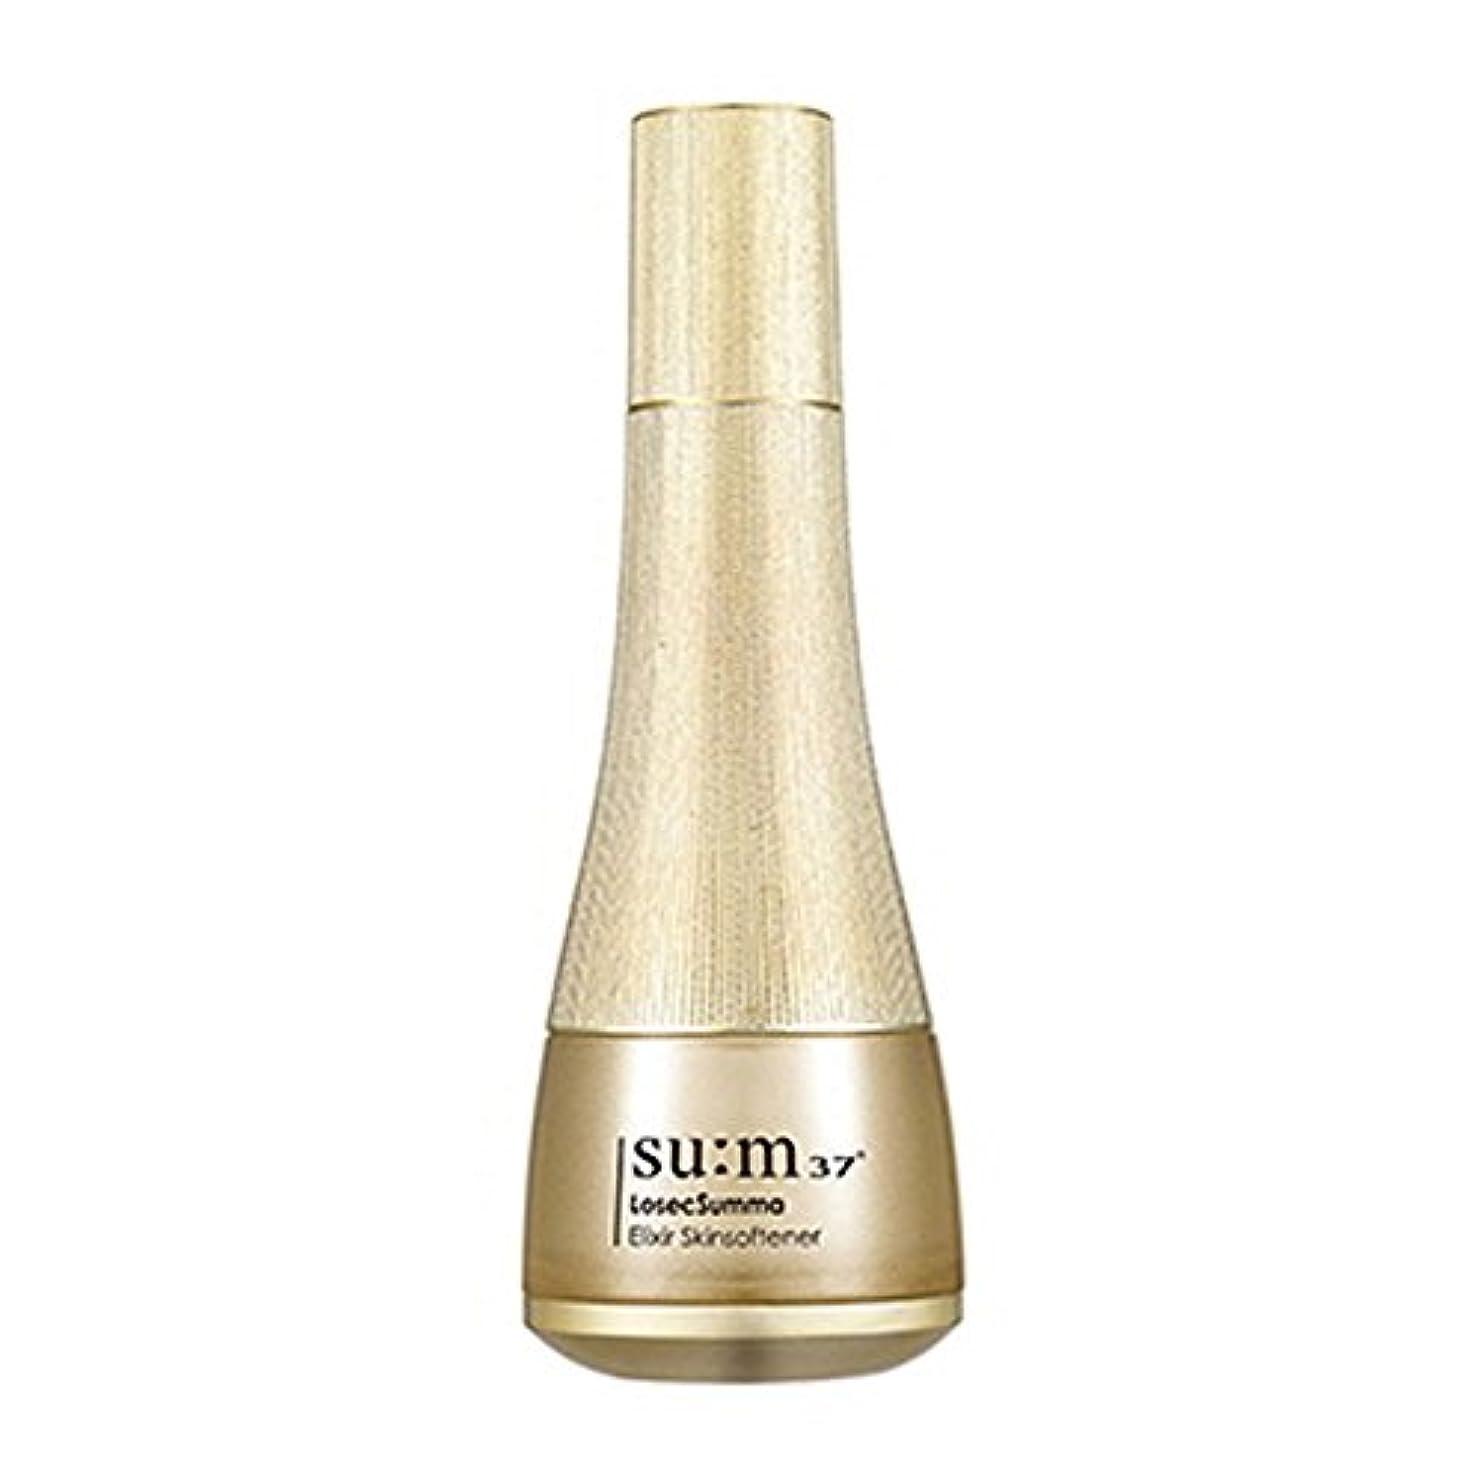 耳眠り意識的[スム37º] Sum37º ロッシク スムマ エリクサー スキンソフナー  LosecSumma Elixir Skinsoftner (海外直送品) [並行輸入品]